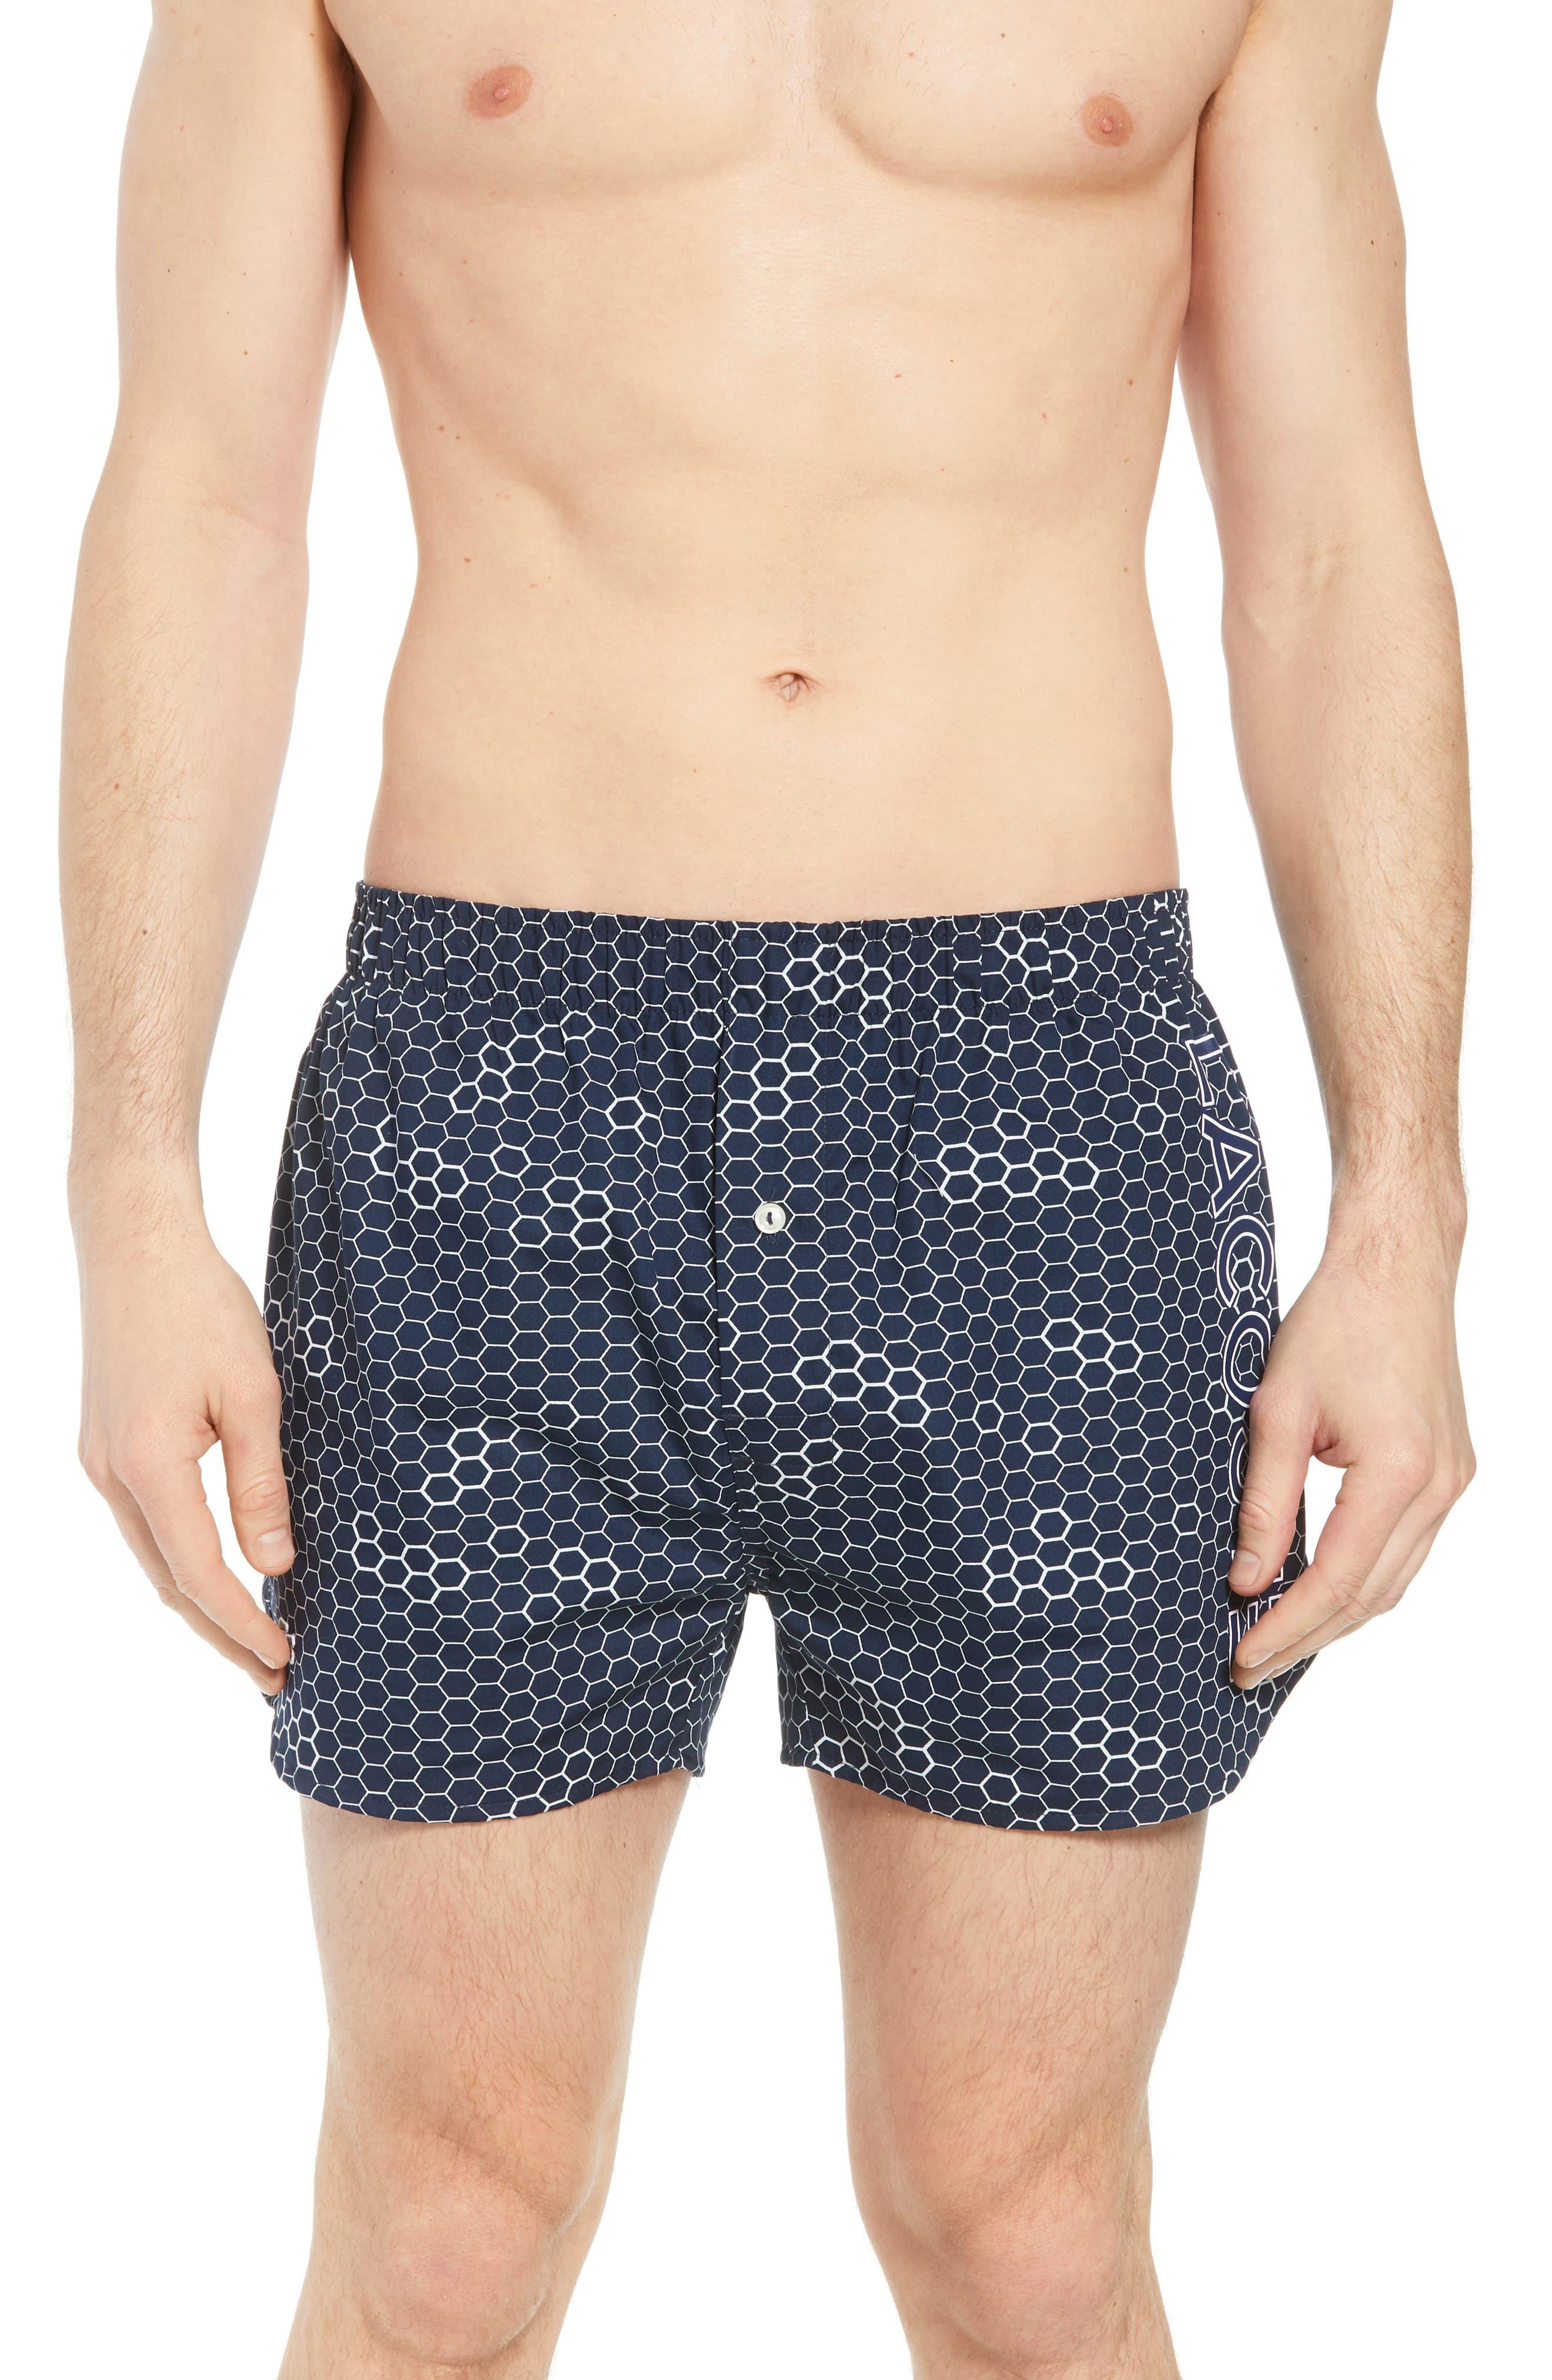 Honeycomb Cotton Boxers,                         Main,                         color, Blue